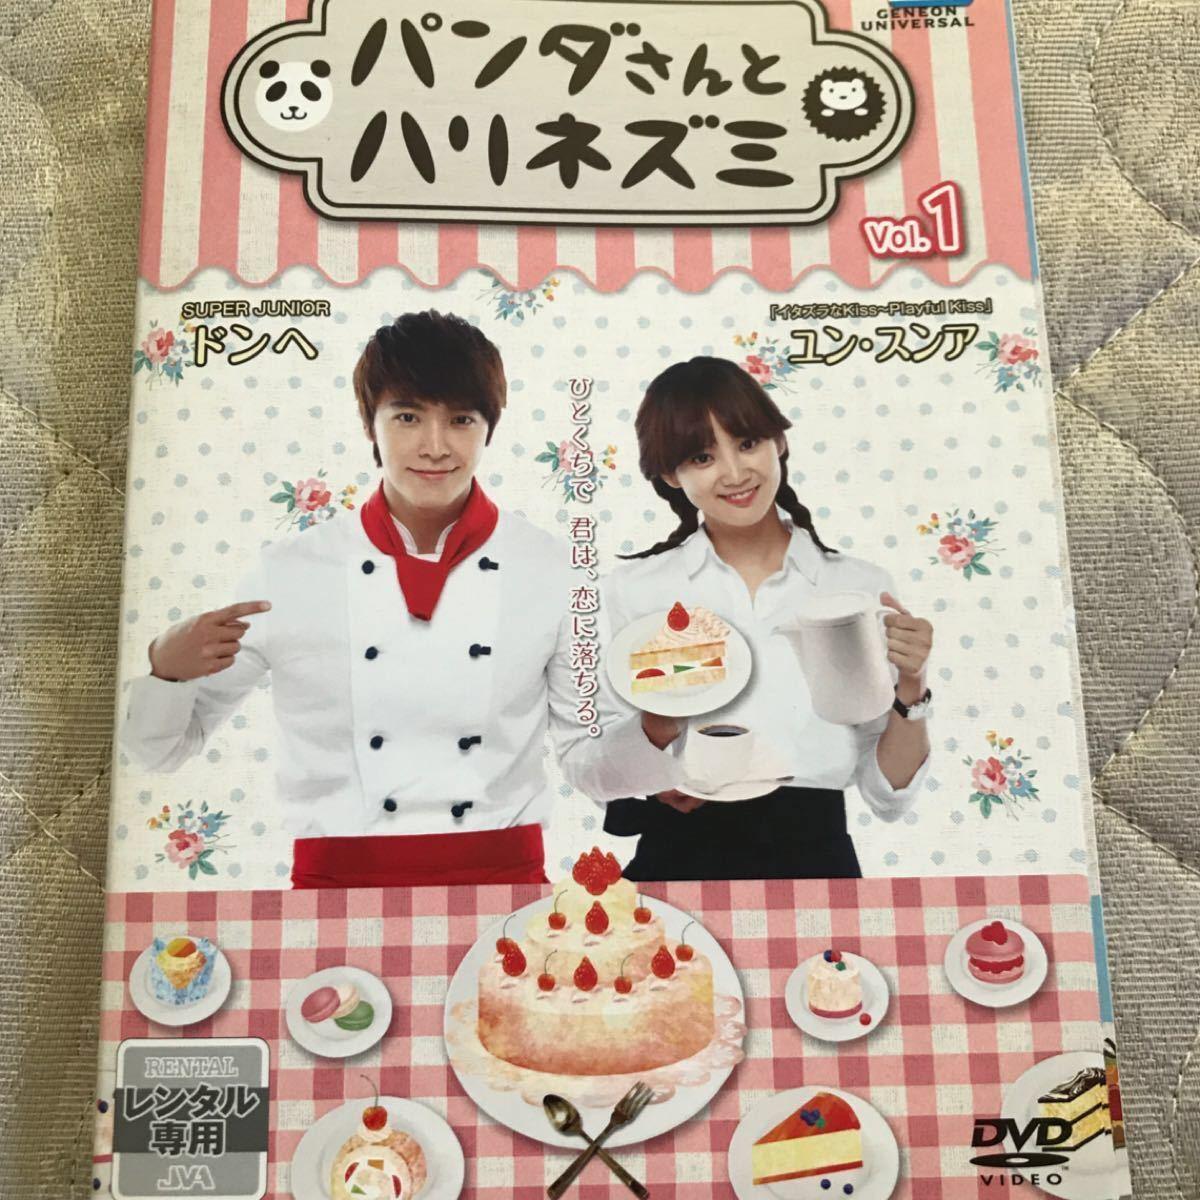 韓国ドラマ パンダさんとハリネズミ 全話 DVD 値下げ中